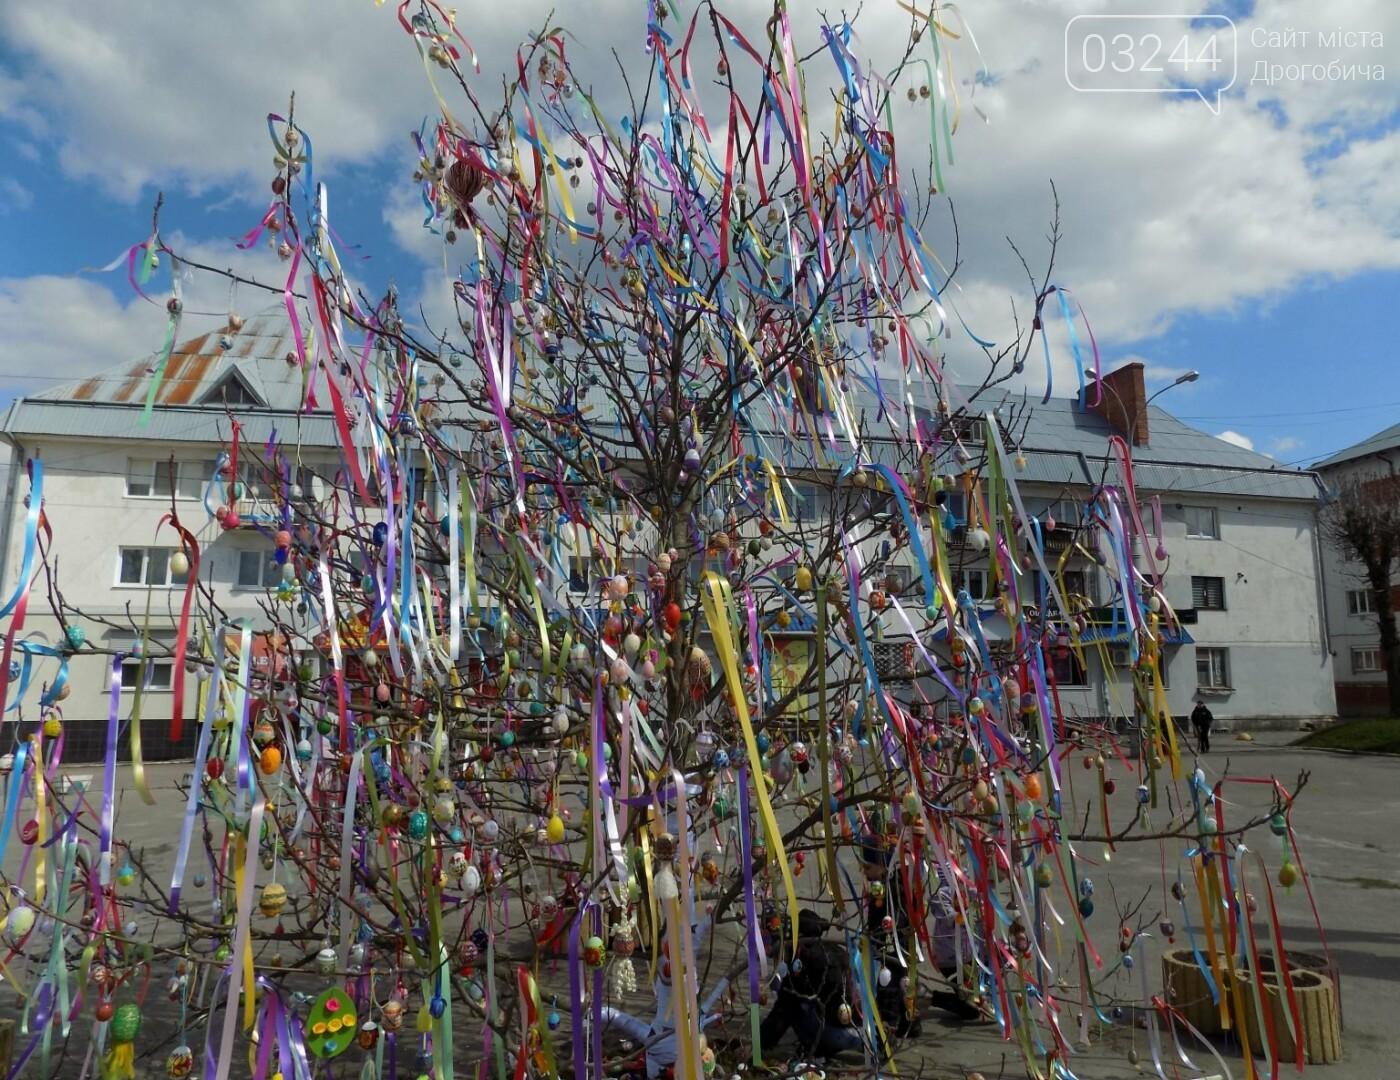 У Бориславі писанкове дерево, в Трускавці – великодній кошик, у Дрогобичі – писанки: міста чепурять до Великодня, фото-3